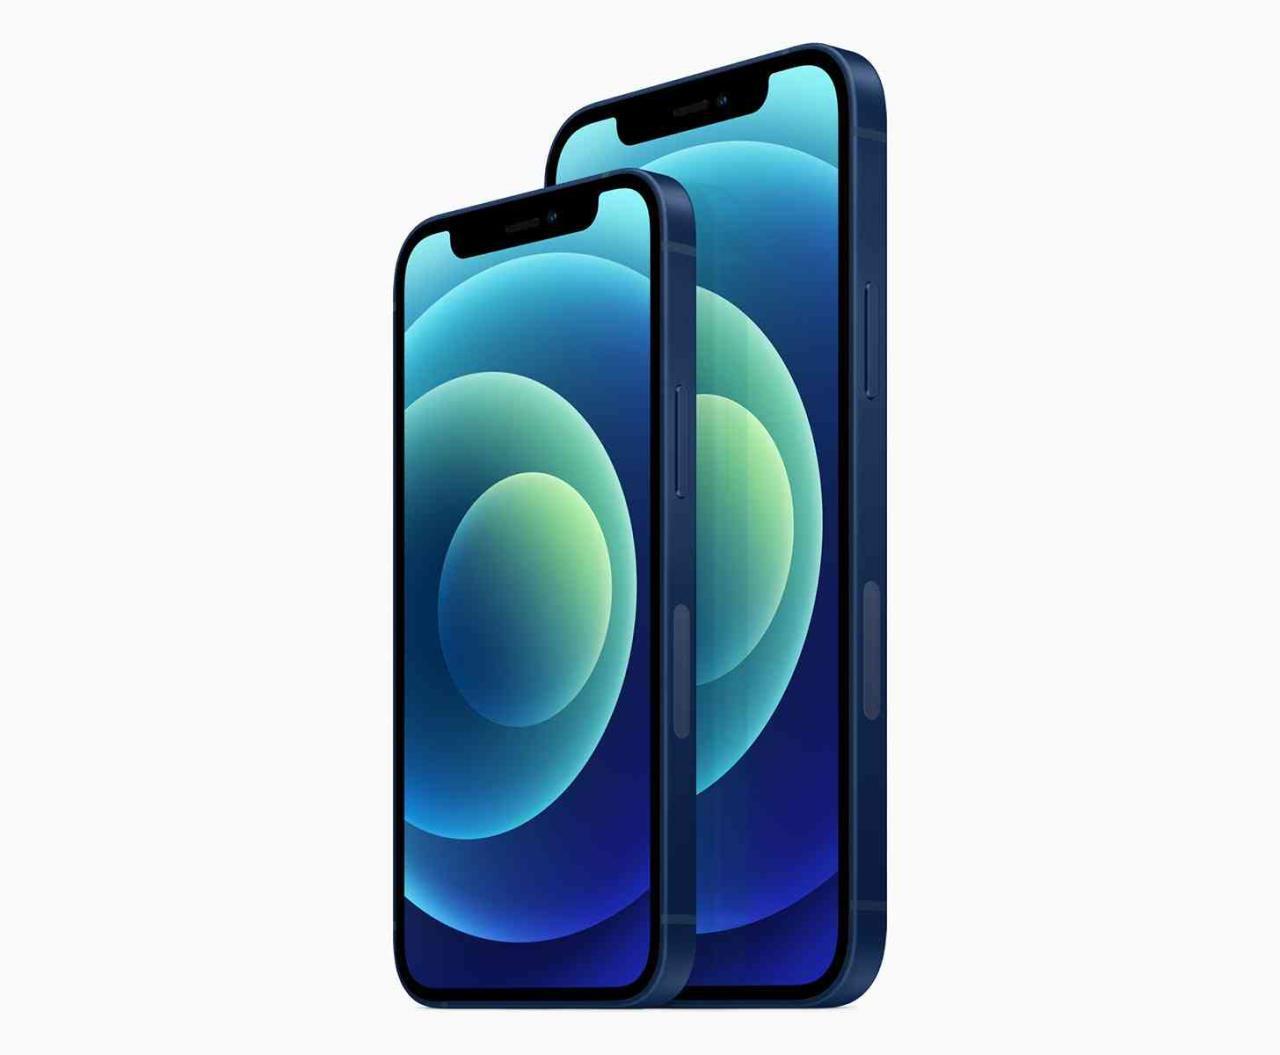 apple iphone 12 mini frente